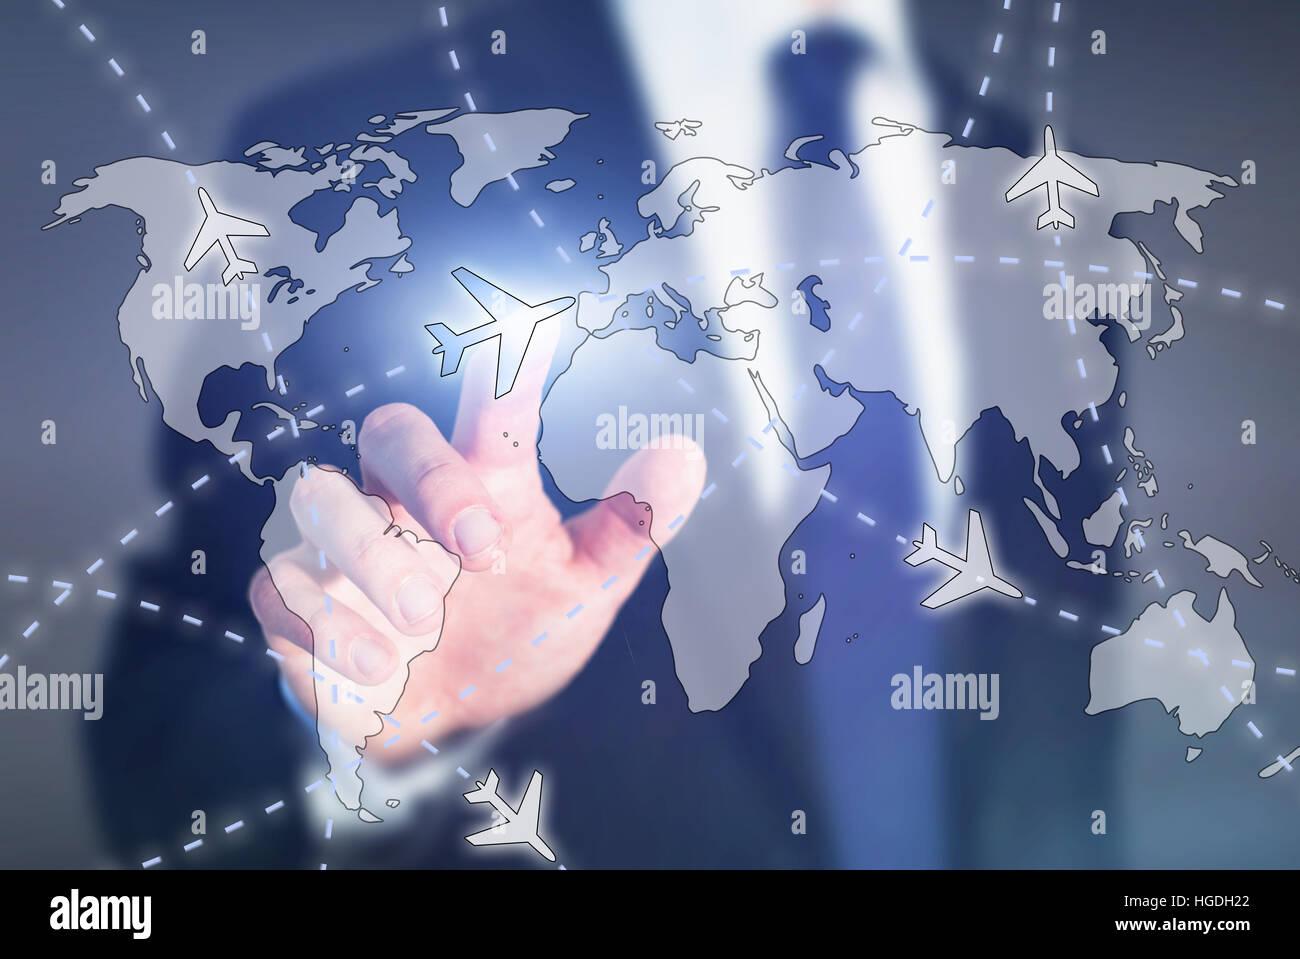 Biglietti aerei convenienti, Scegli destinazione di viaggio on-line concept, aereo sulla mappa del mondo sul touch Immagini Stock